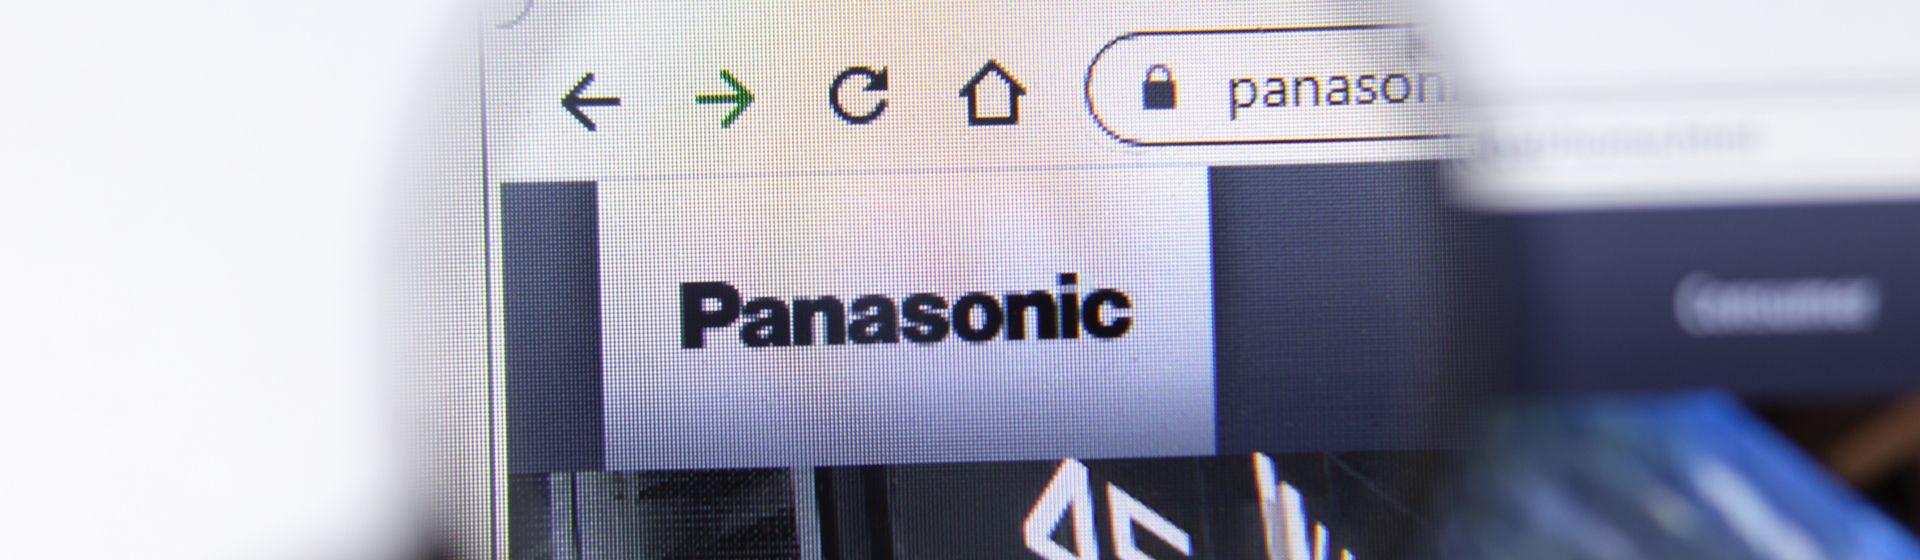 Geladeira Panasonic é boa? Veja 5 opções para comprar em 2020